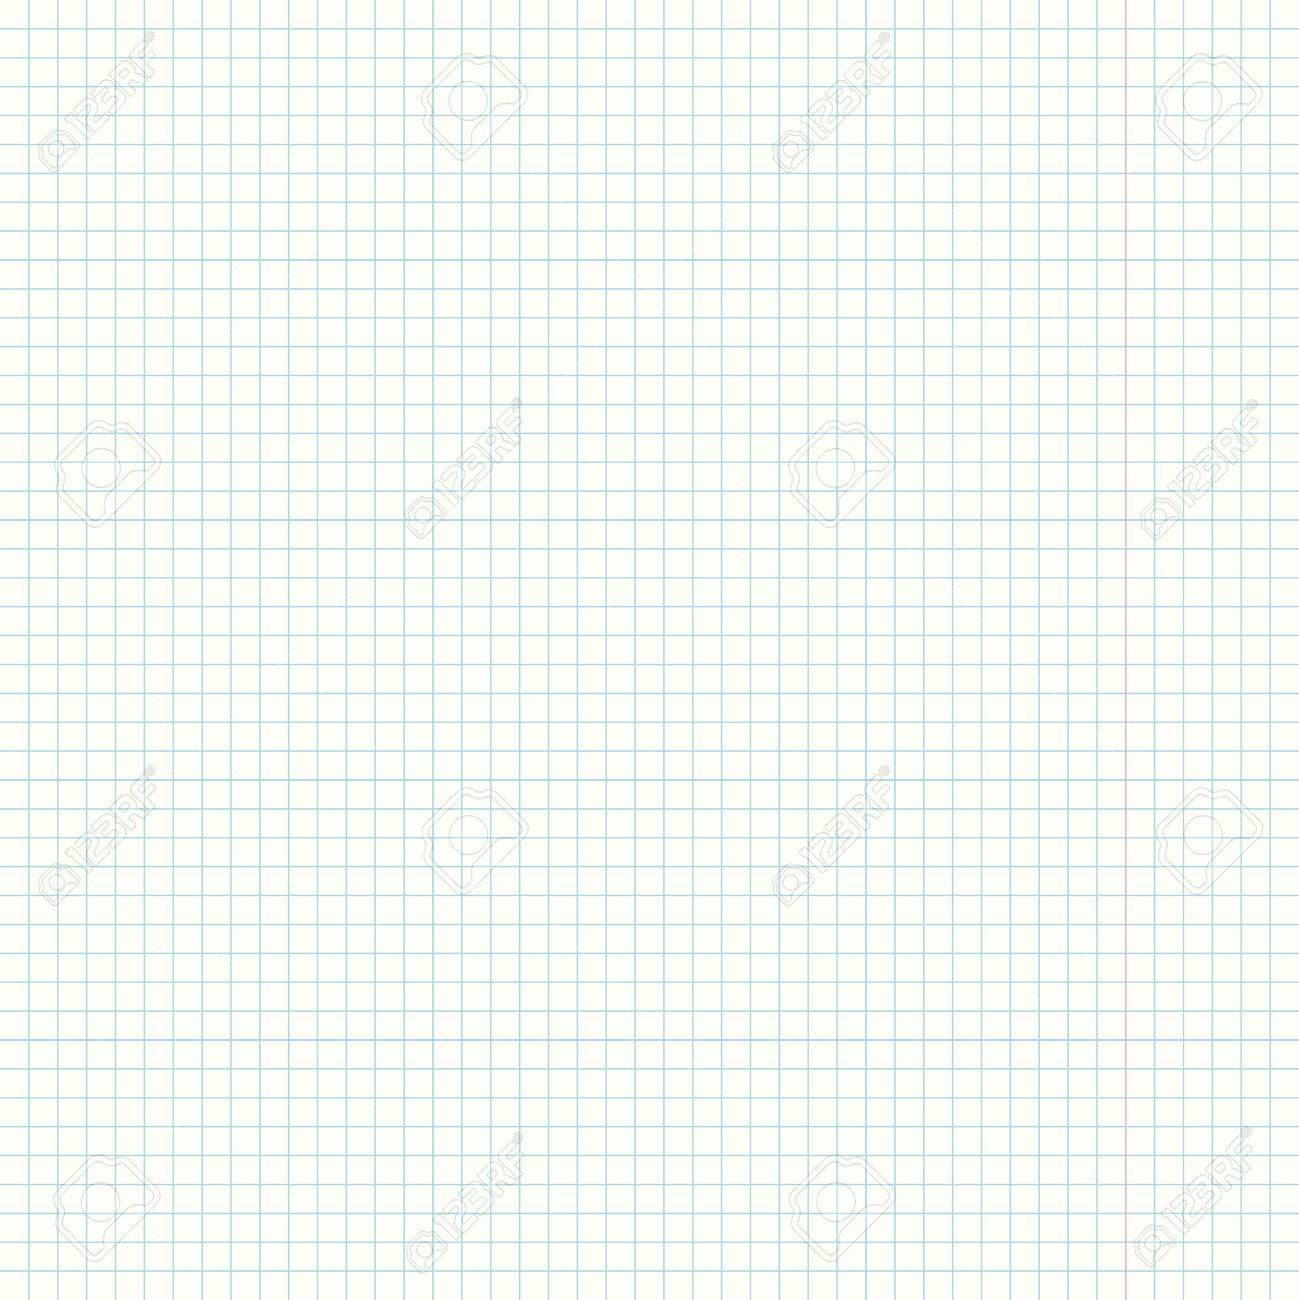 Fein Druckbares Zeichenpapier Ideen - Malvorlagen-Ideen ...